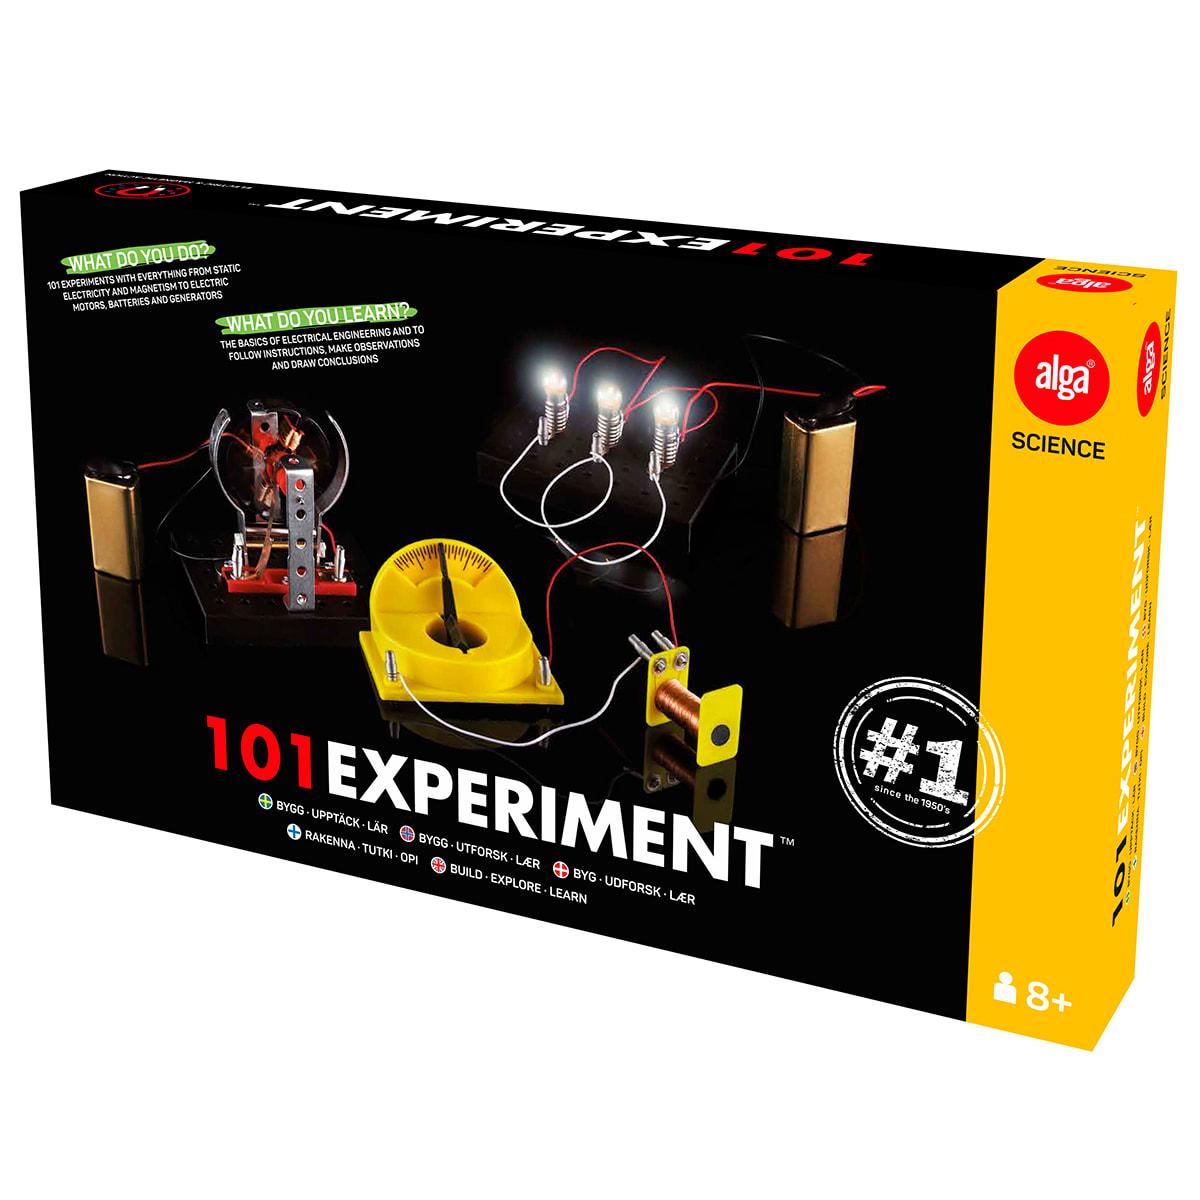 Lær om statisk elektricitet, magnetisme og meget mere